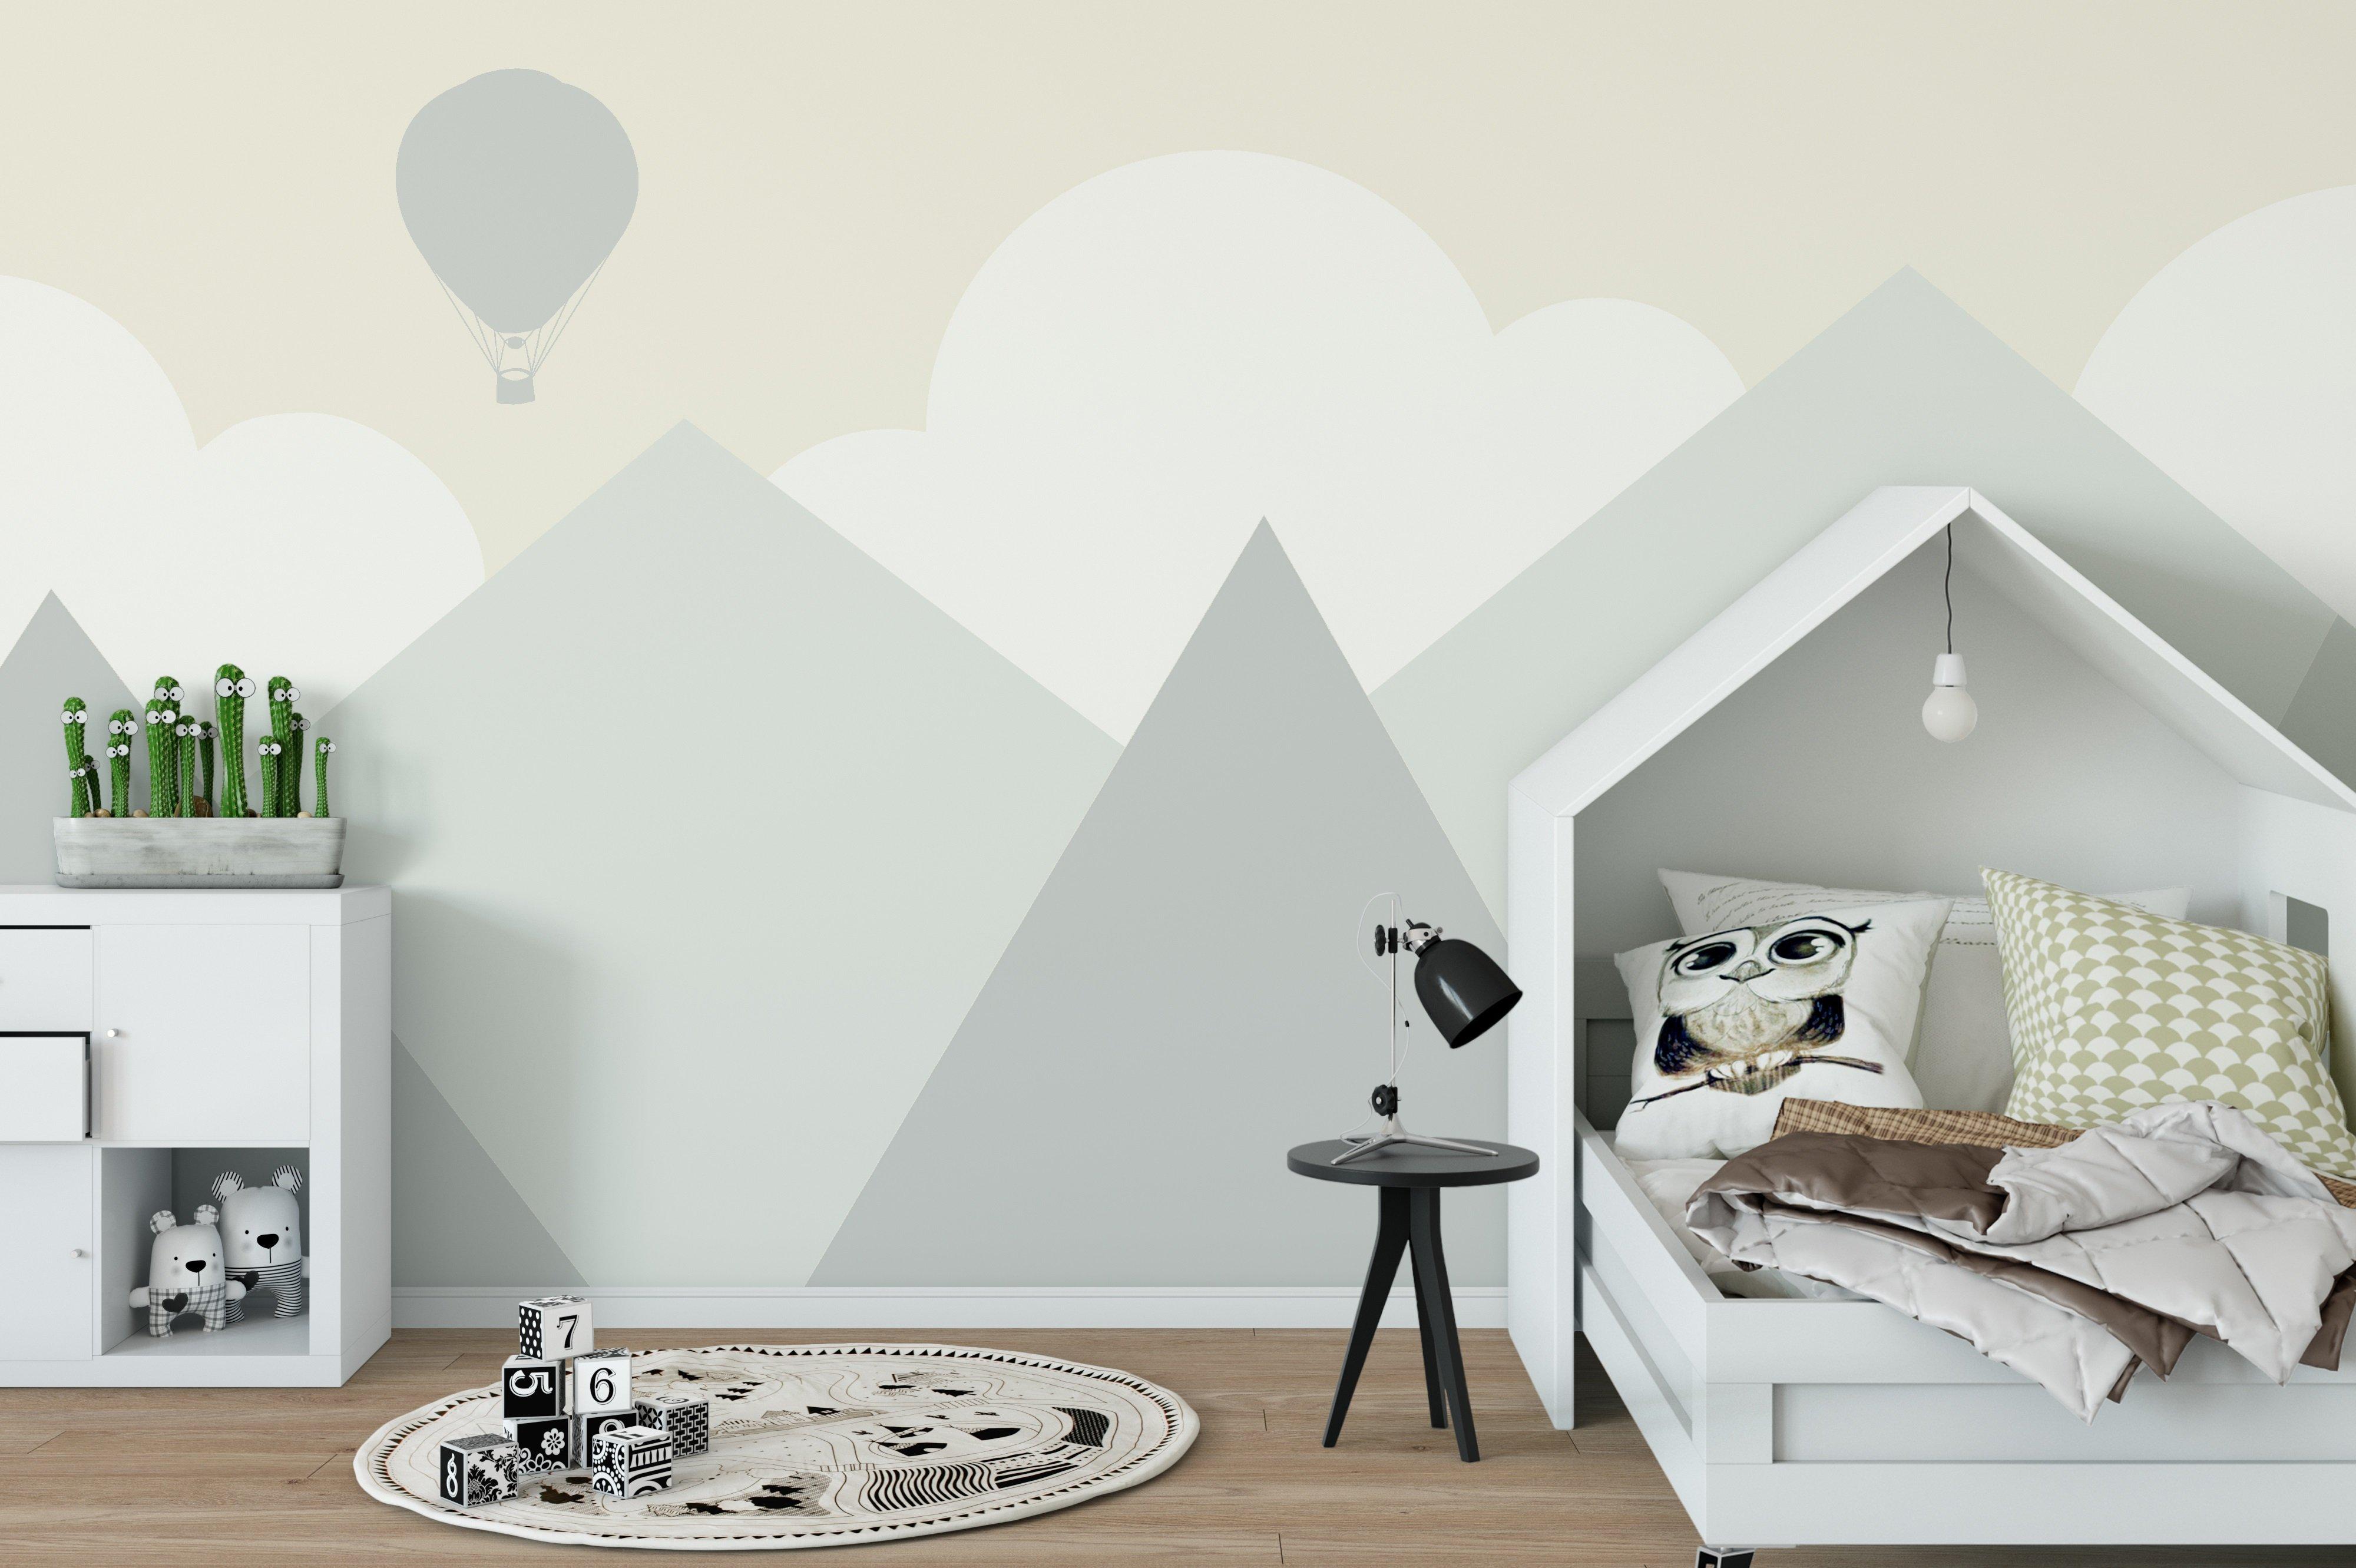 עיצוב חדר ילדיכם – רב בריח